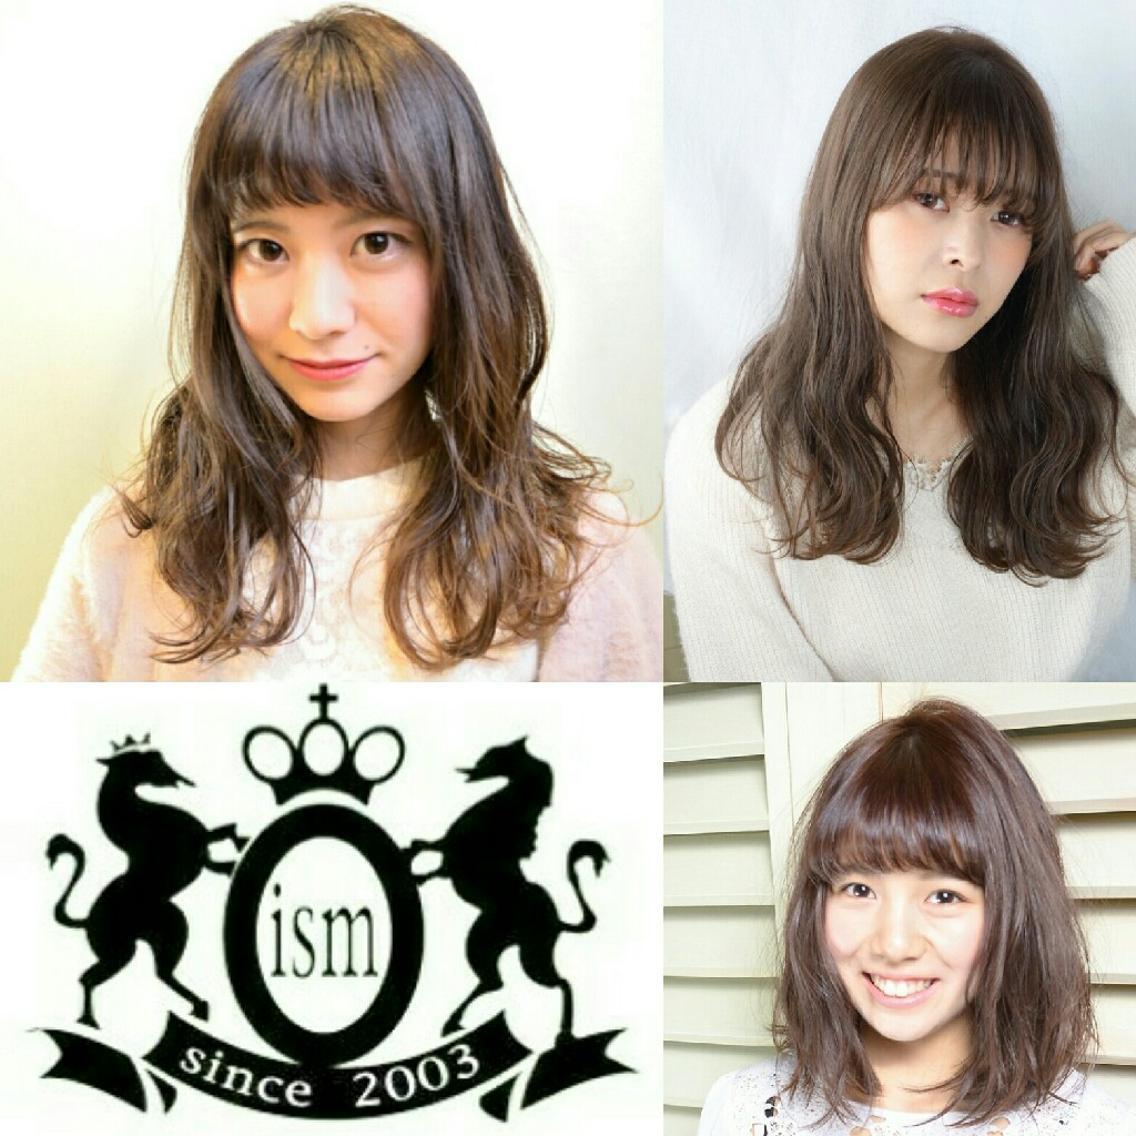 ✴minimo限定50%off✴似合わせ潤いカラーで可愛く✴ナチュラルストレートでモテ髪✴外国人風カラー✨✨撮影モデル募集中✨